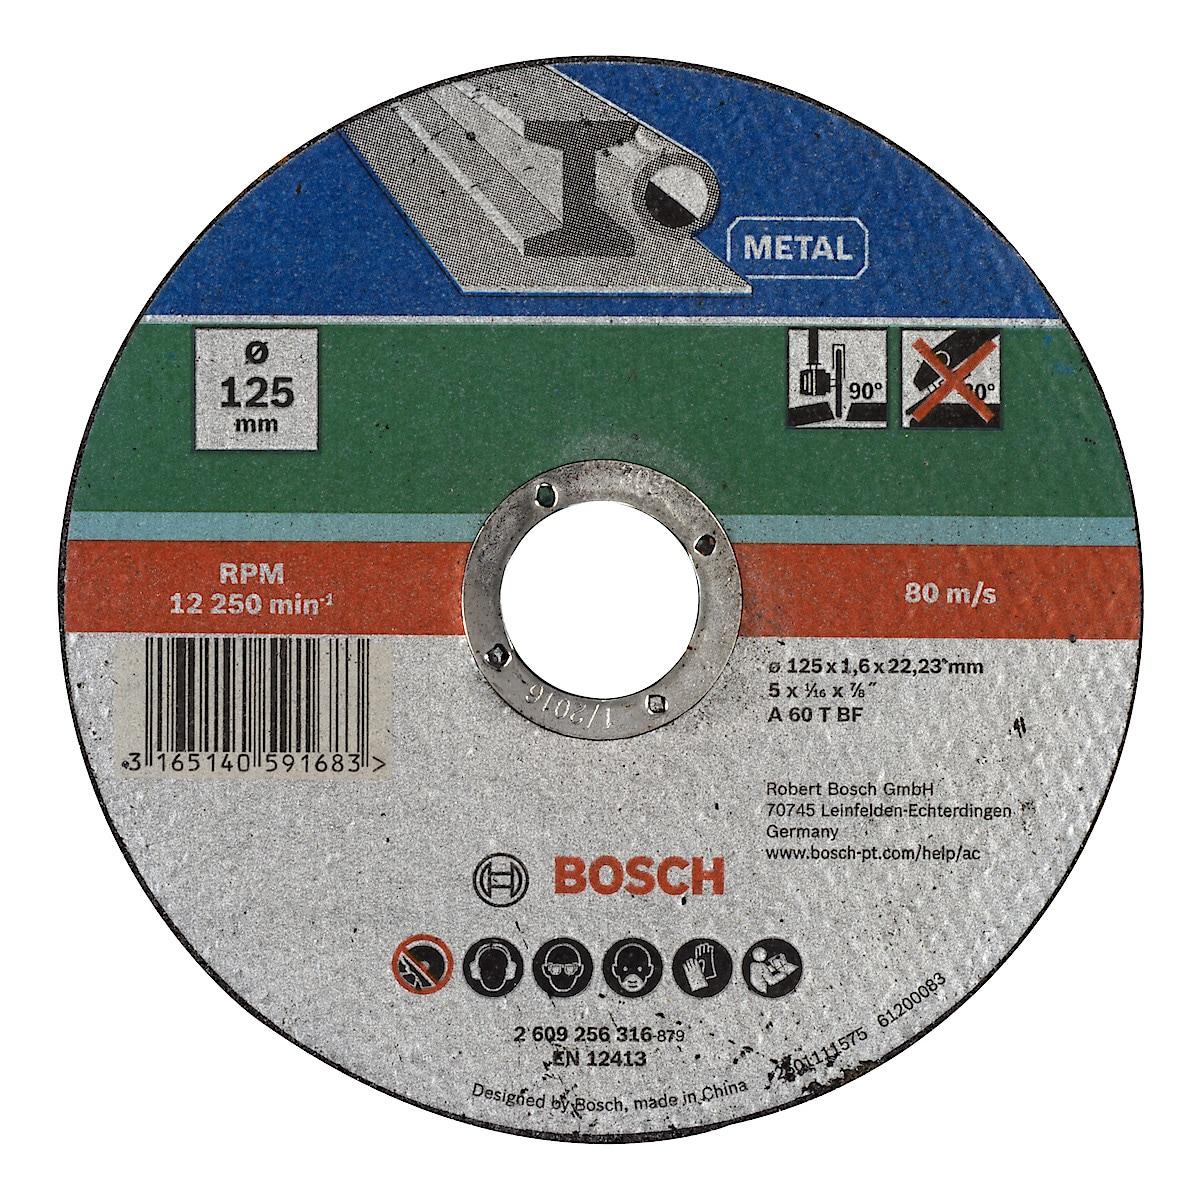 Kapskiva för metall 125 mm Bosch